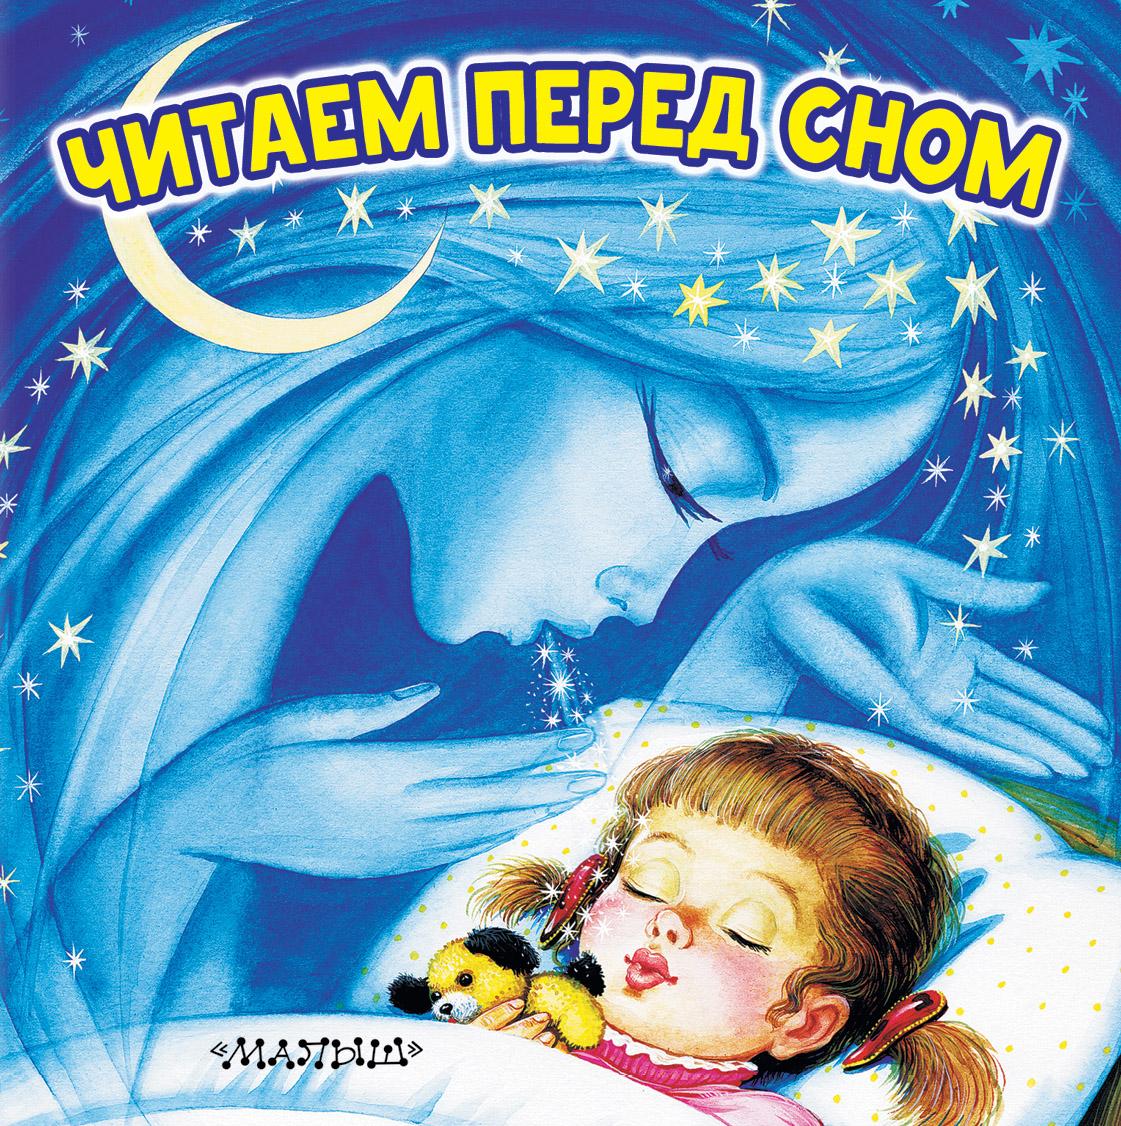 купить Цыганков И. Читаем перед сном по цене 88 рублей